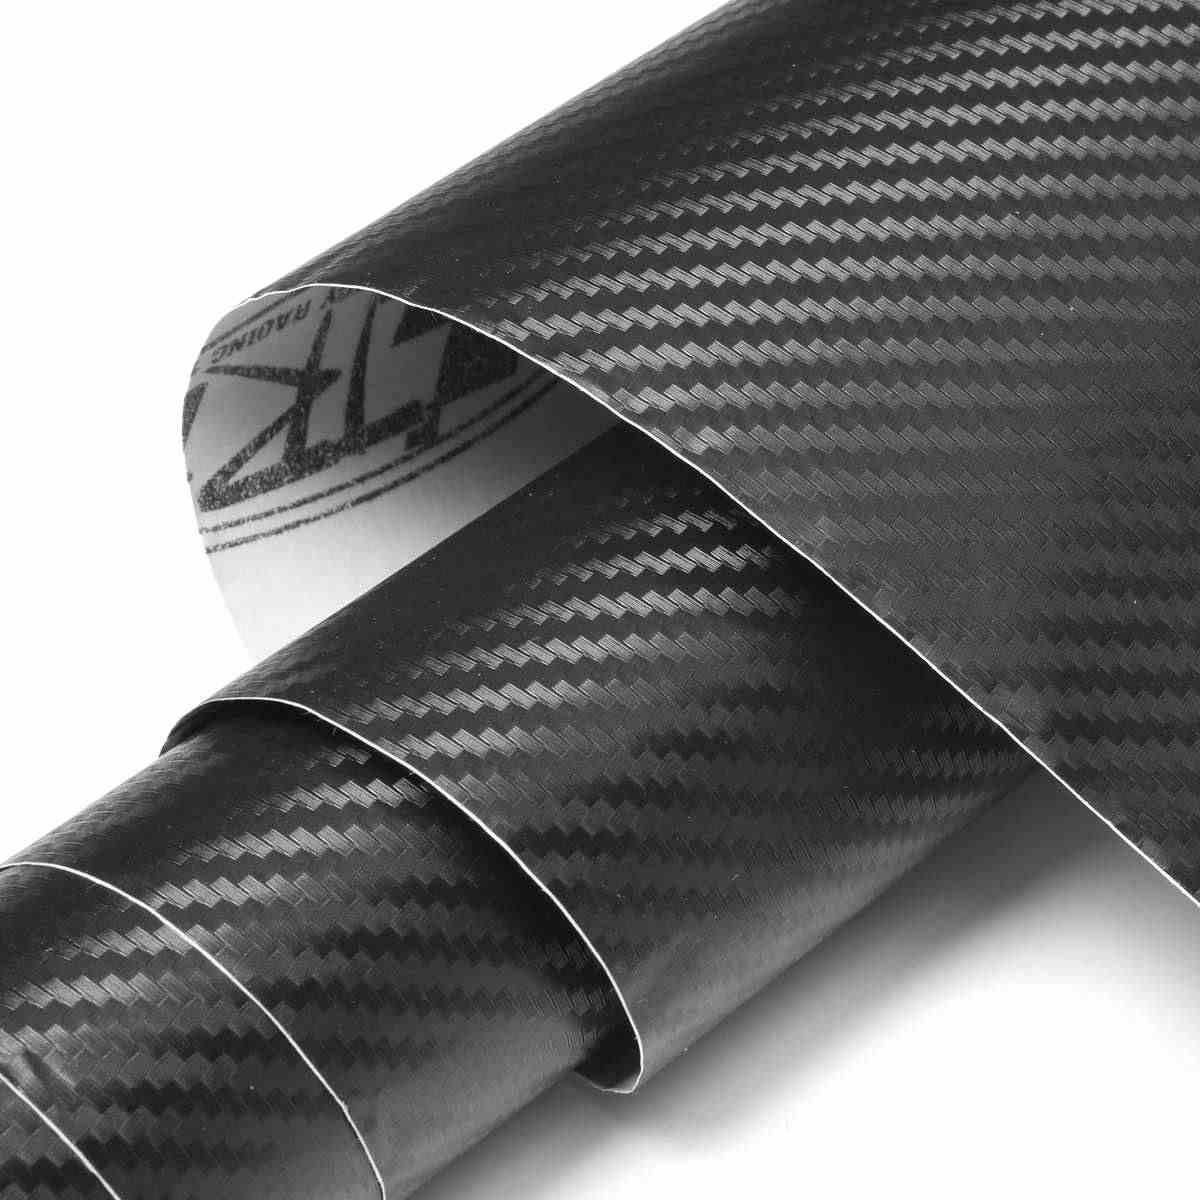 250 x 3D 65 cm Preto Universal Fibra De Carbono Folha de Vinil Carro Motocicleta Folha Envoltório Filme de Rolo Adesivo Decalque Do Carro styling Acessórios